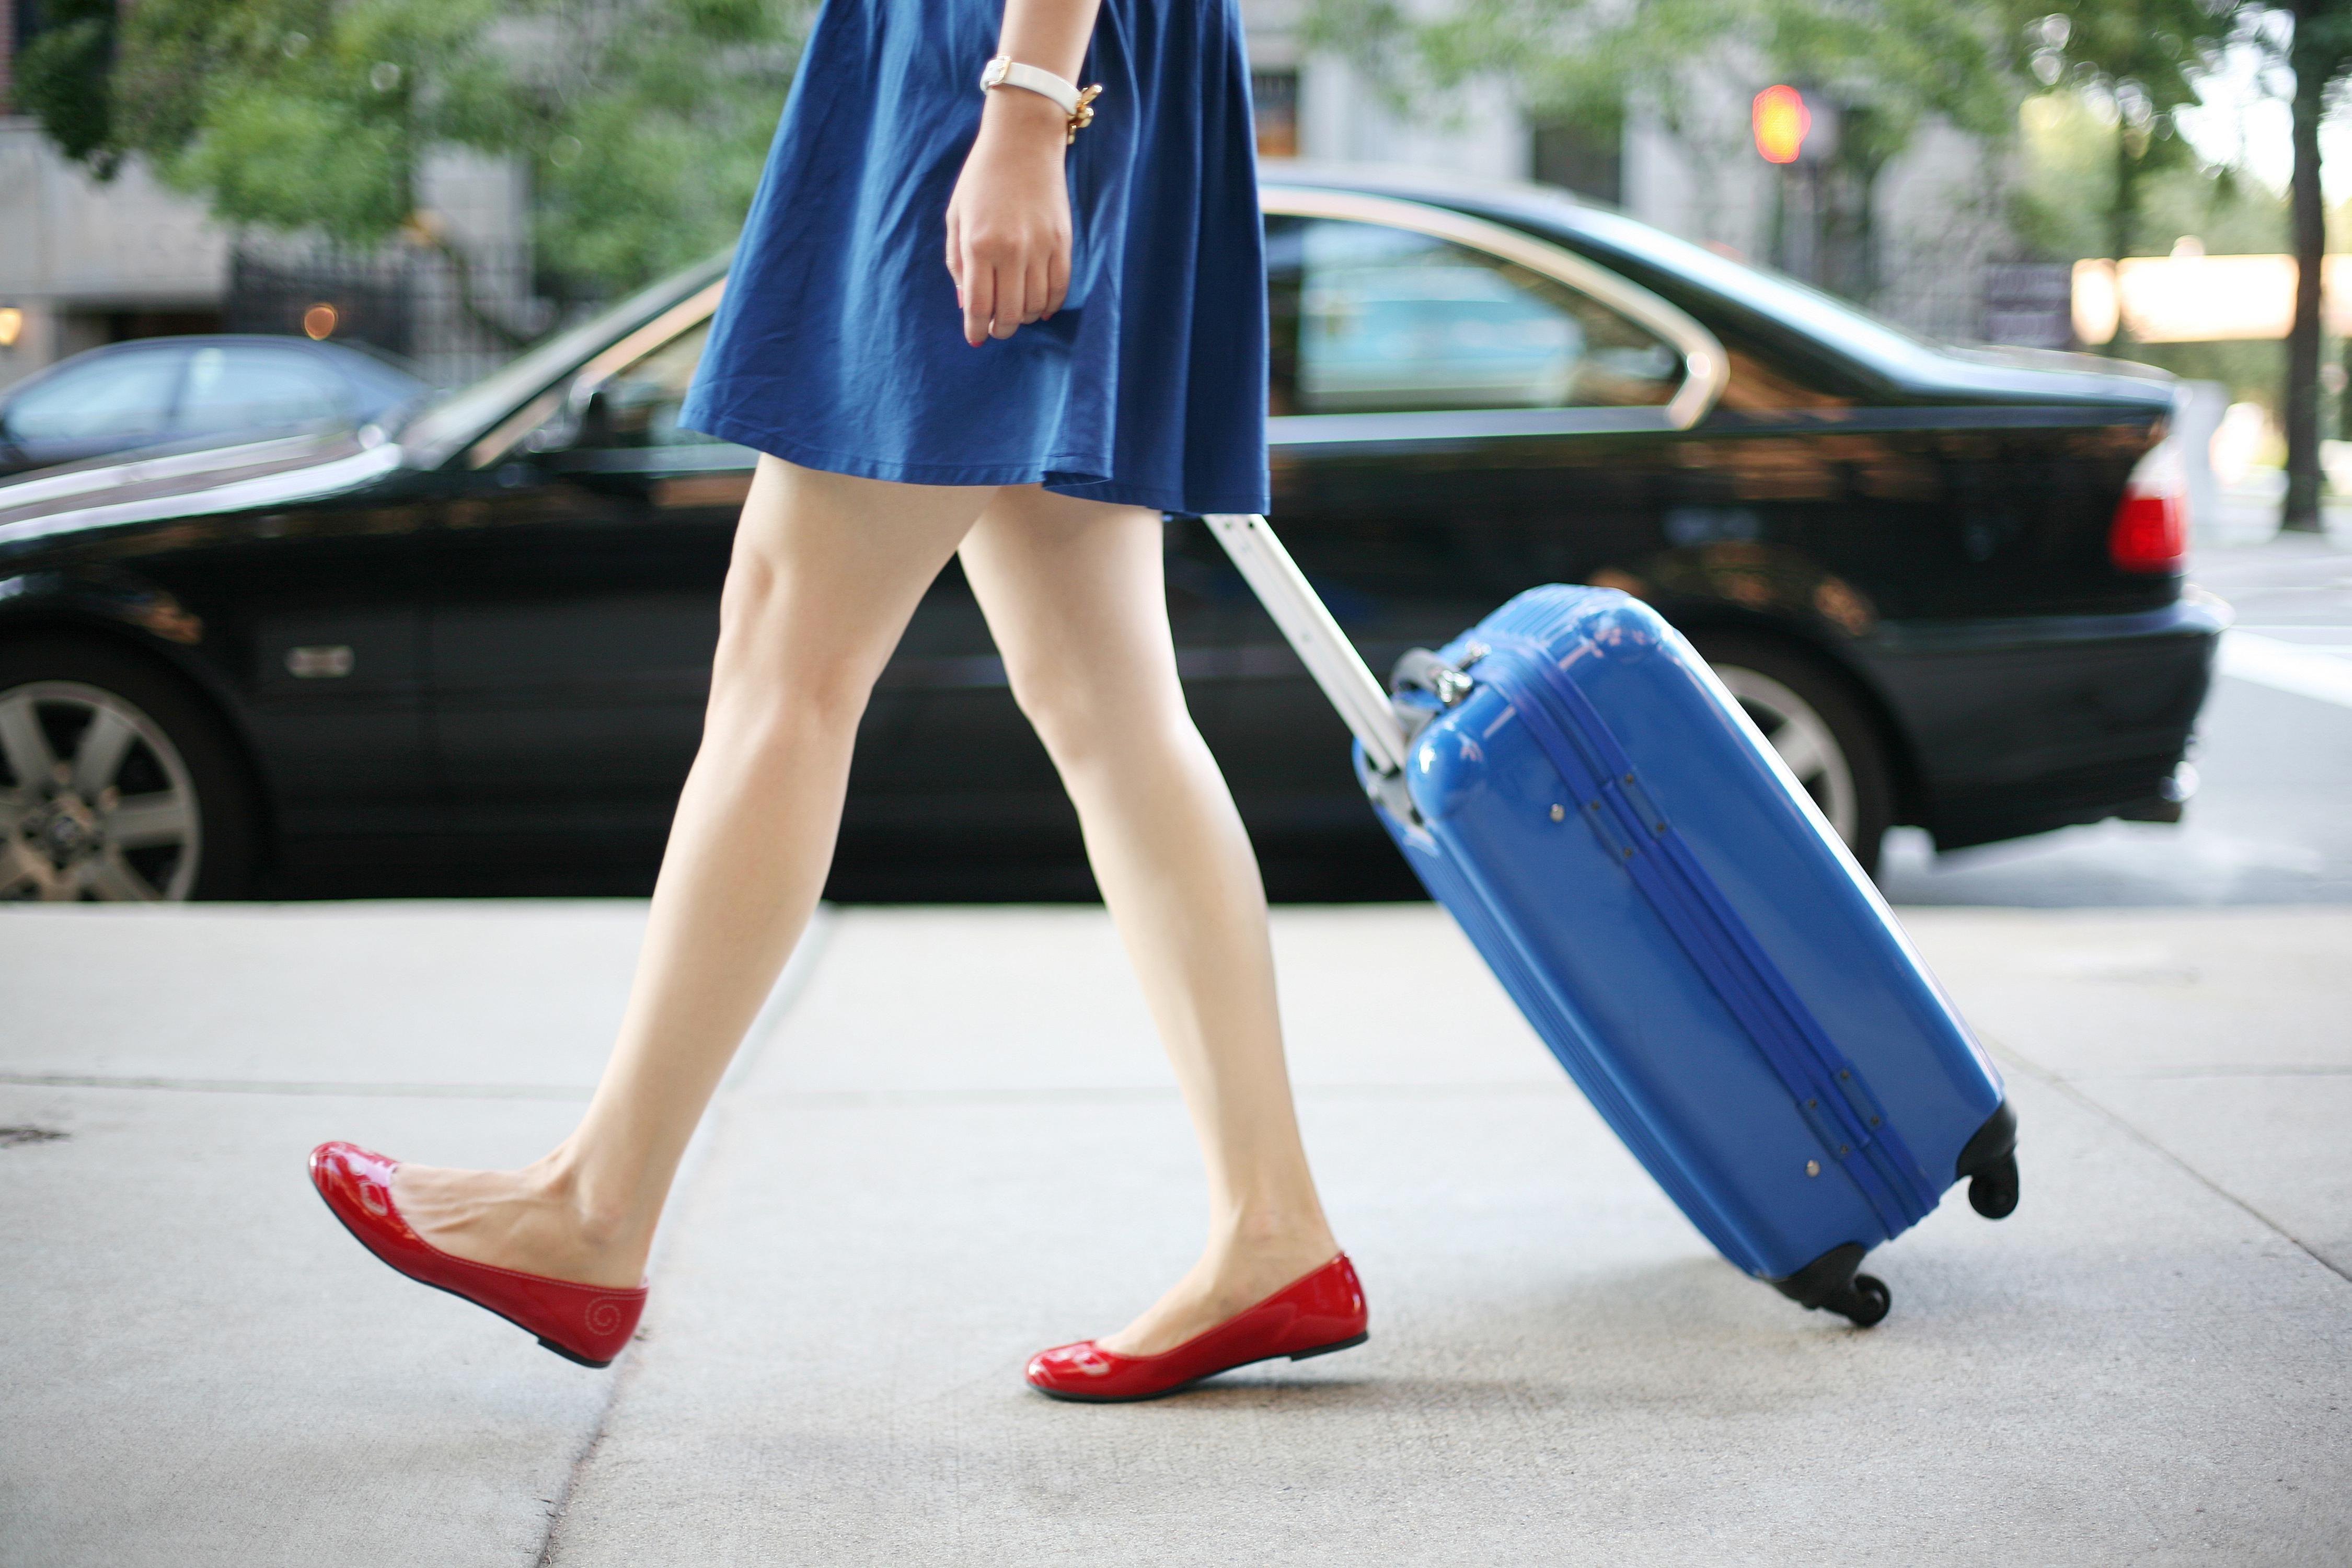 Pasear con maletas para viajar durante el año